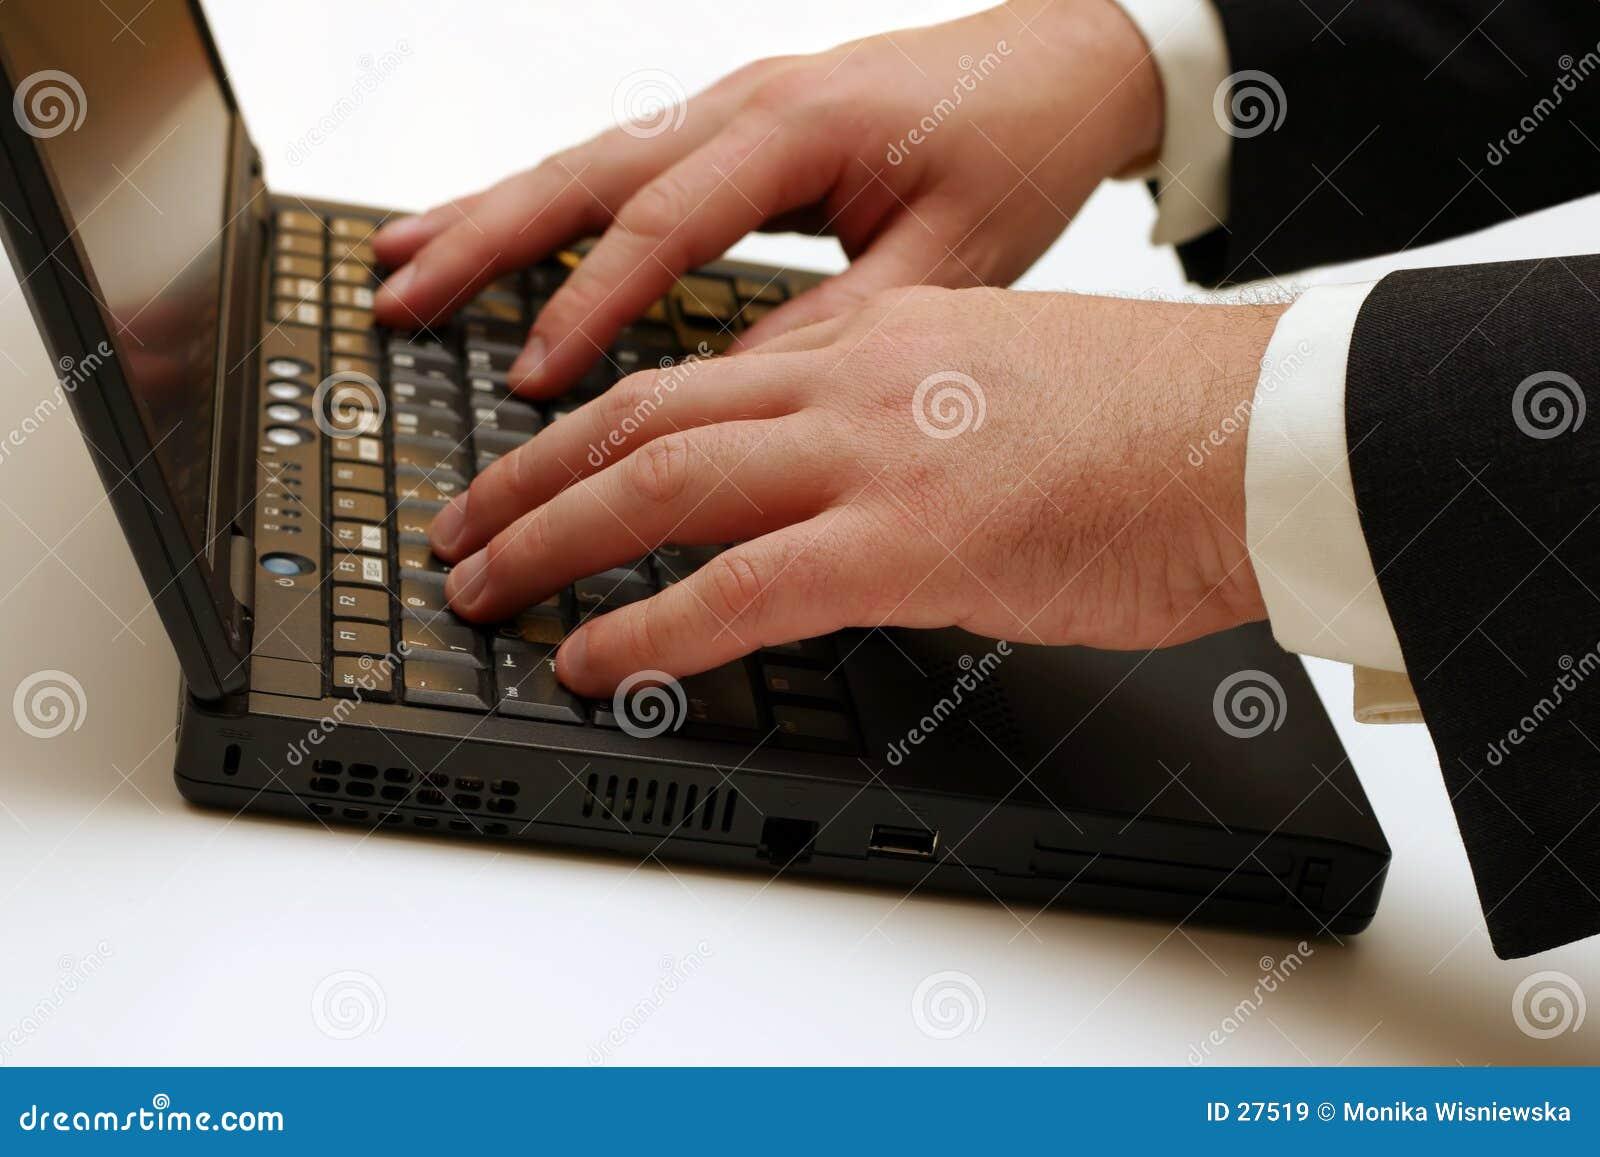 Laptop - Typing